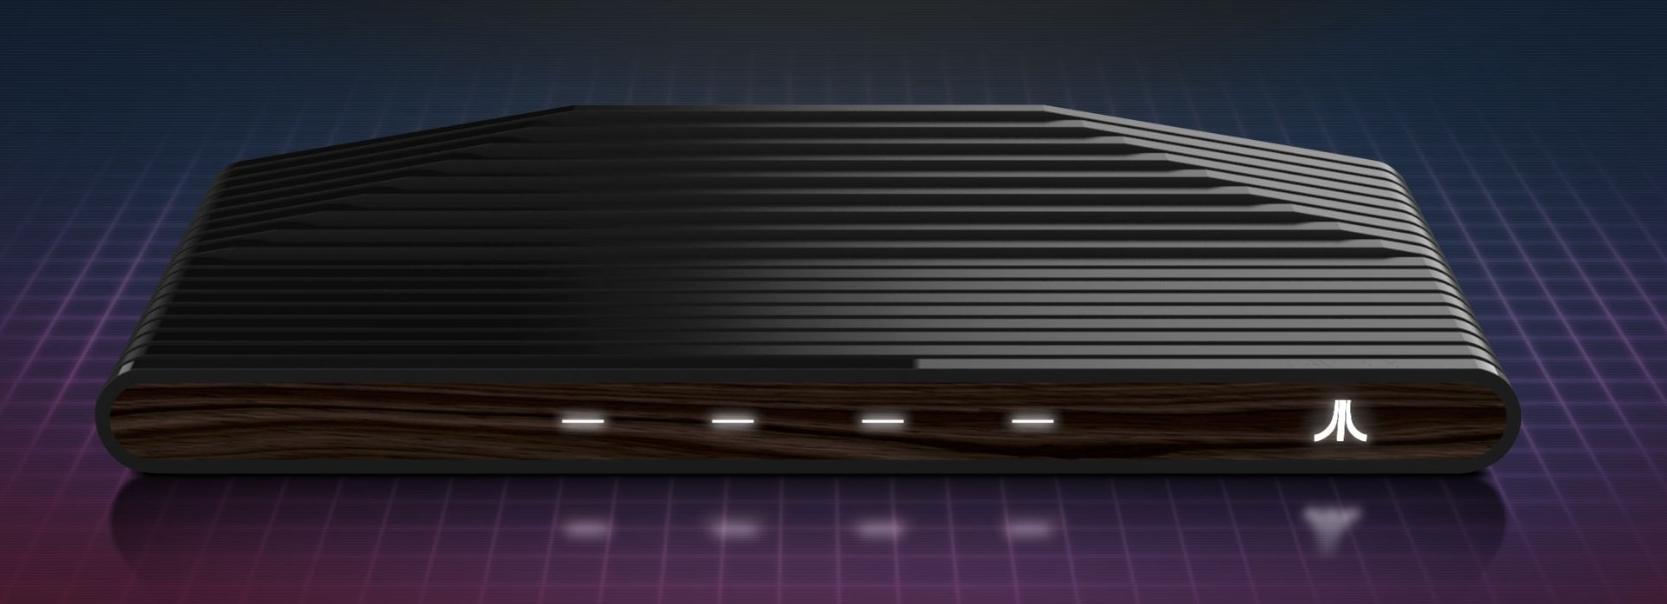 Har du lyst på Ataris retro-konsoll? Nå vet vi når den kan handles